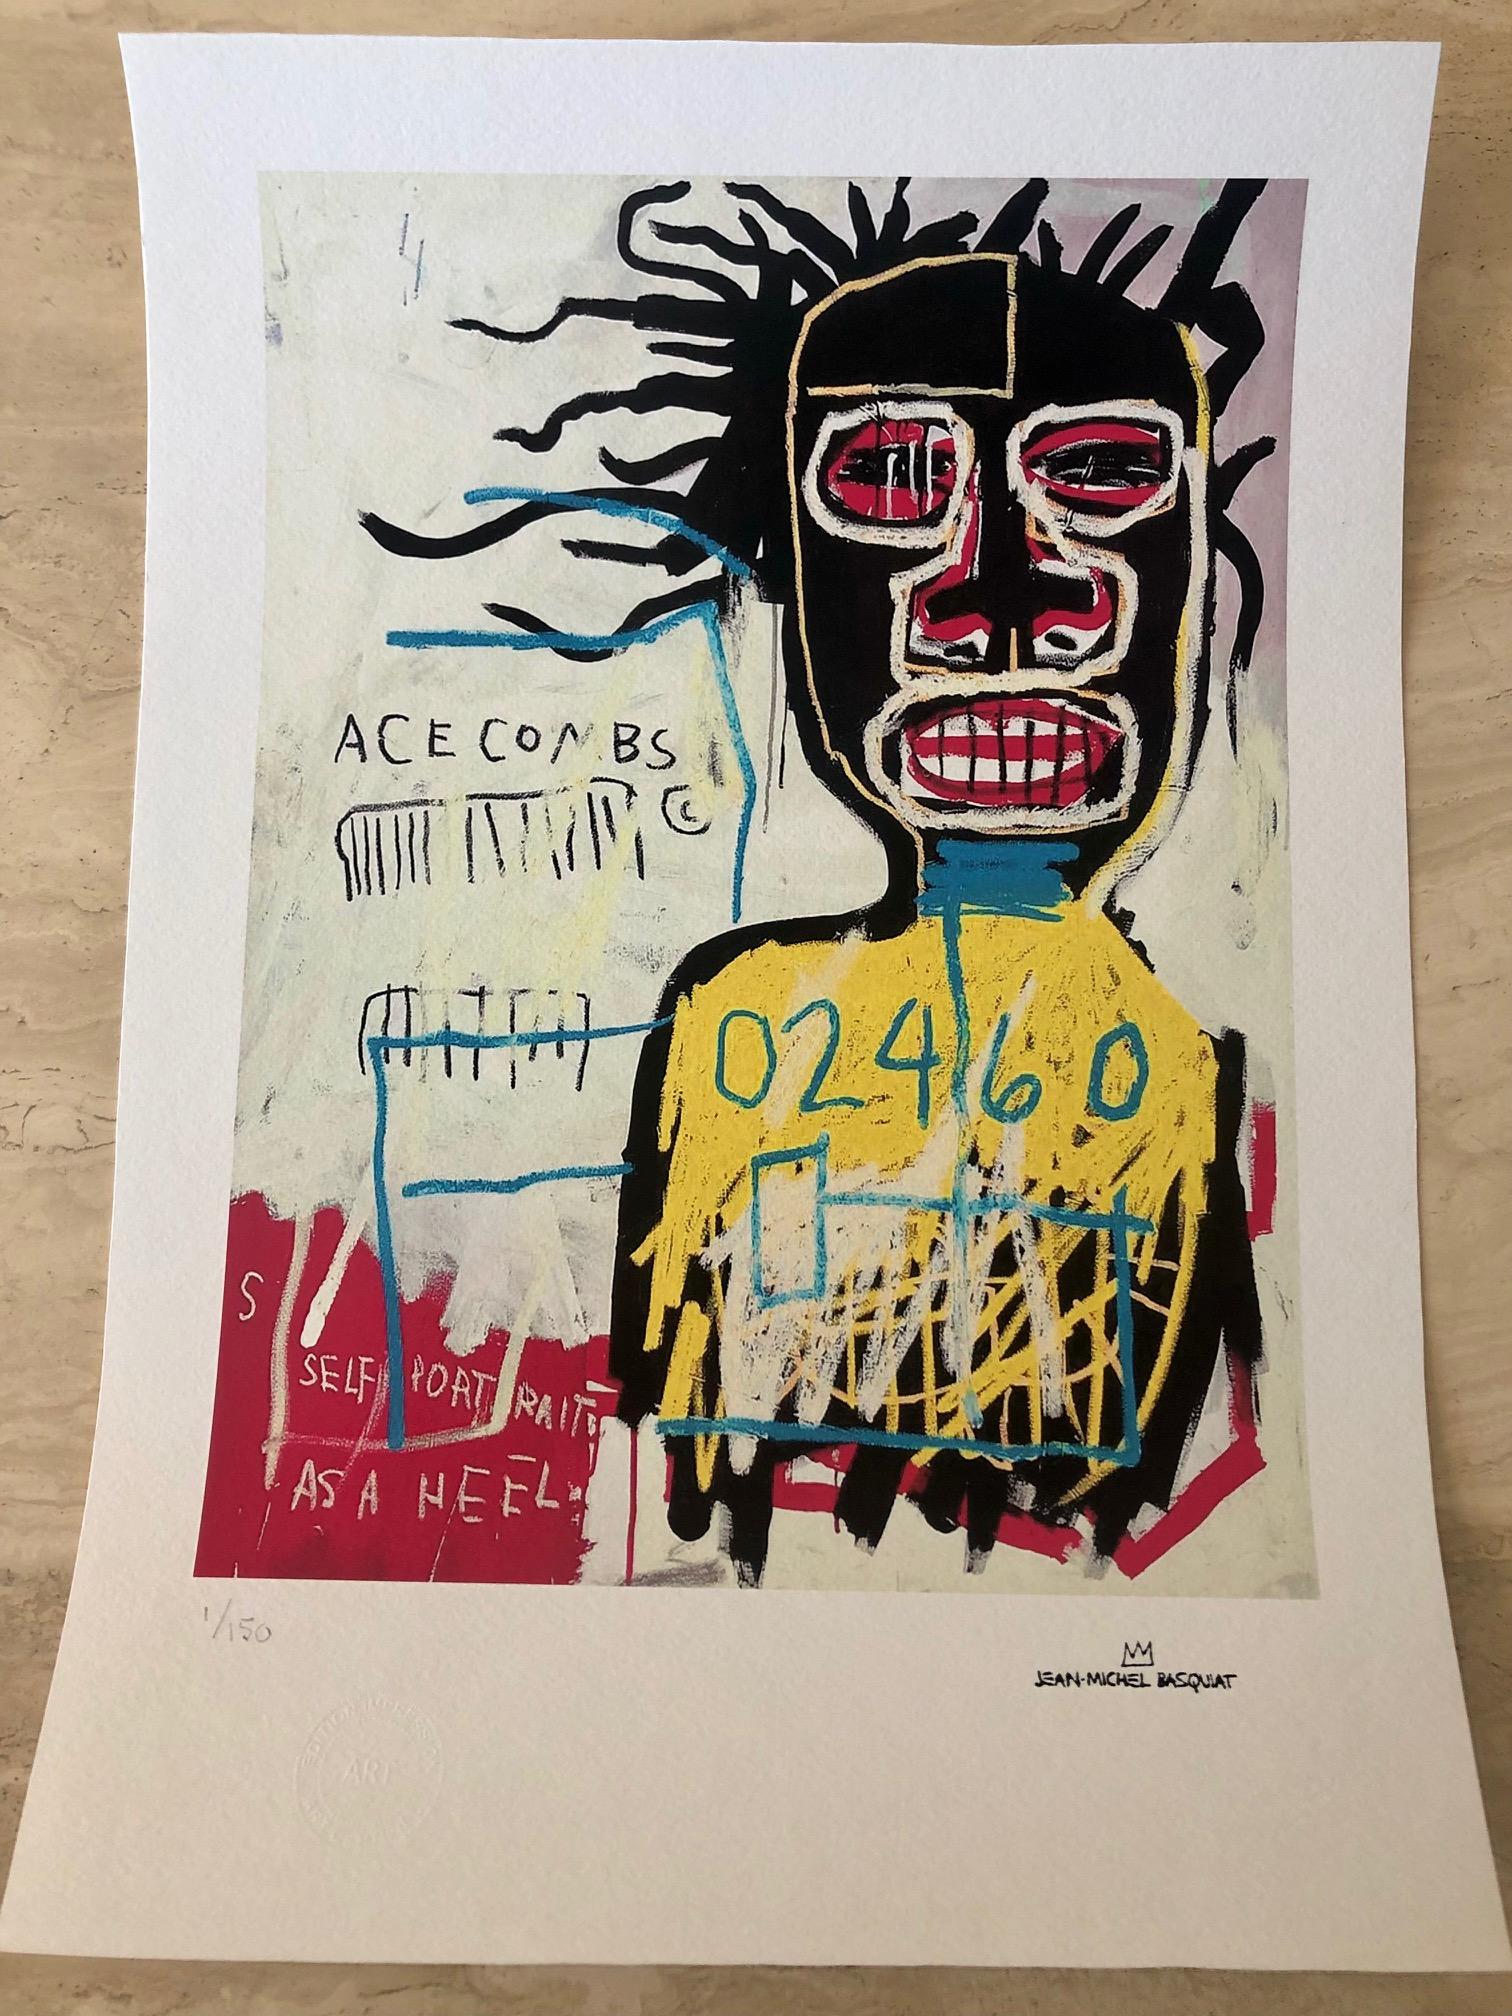 Self Portrait as a He... by  Jean-Michel Basquiat - Masterpiece Online